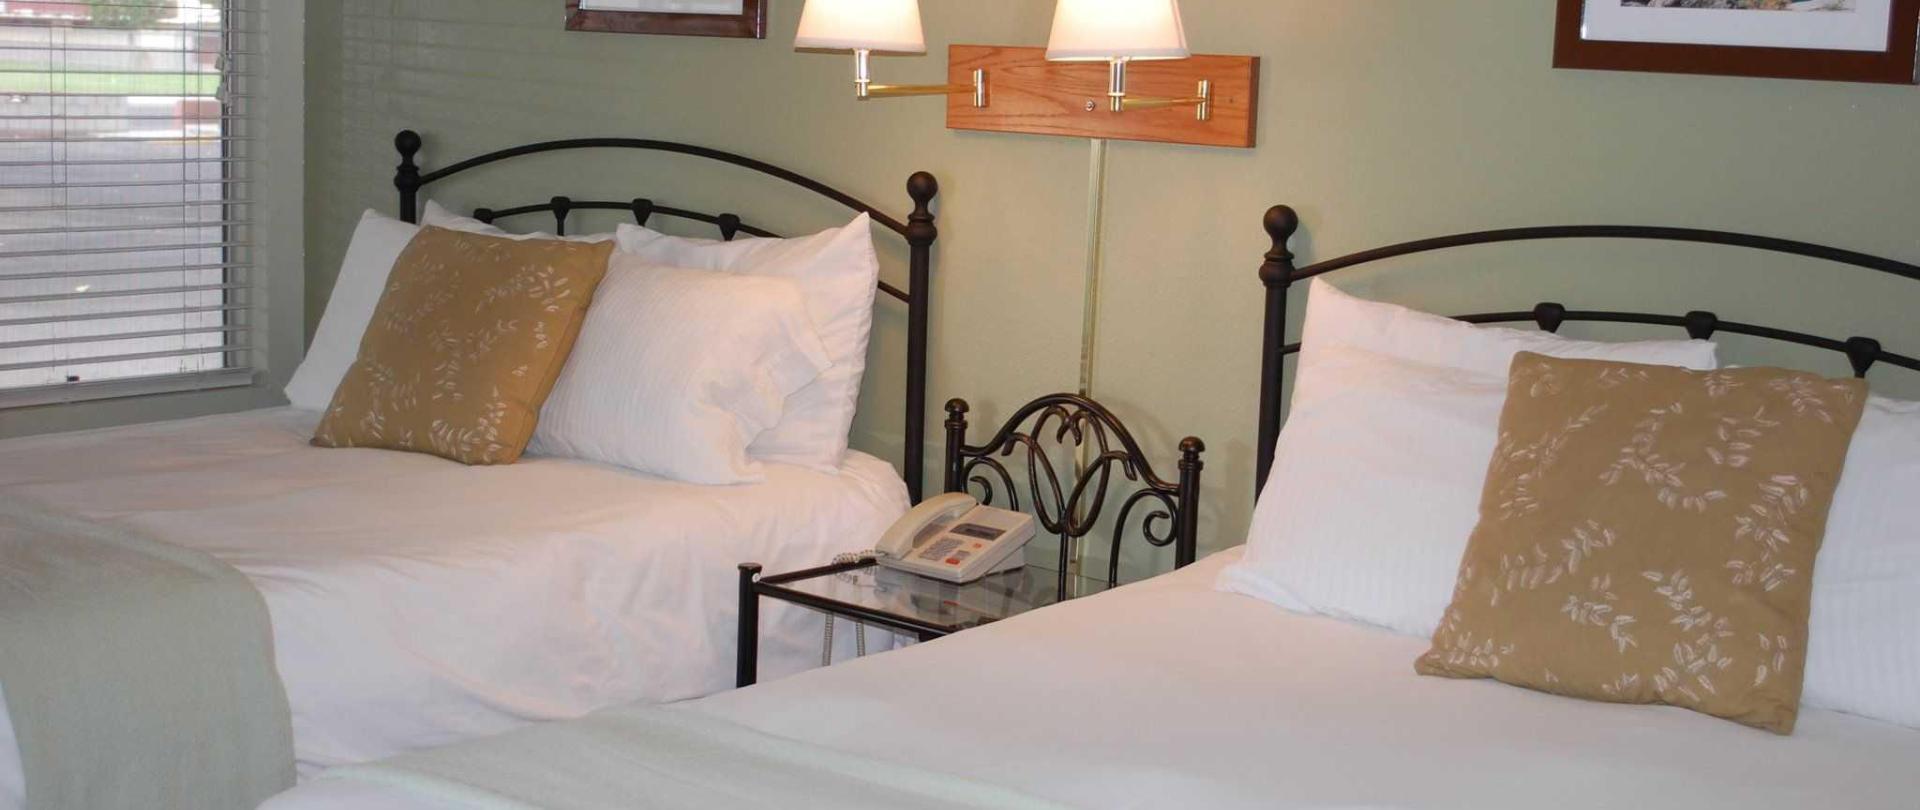 Fresh Duvet-Comforters